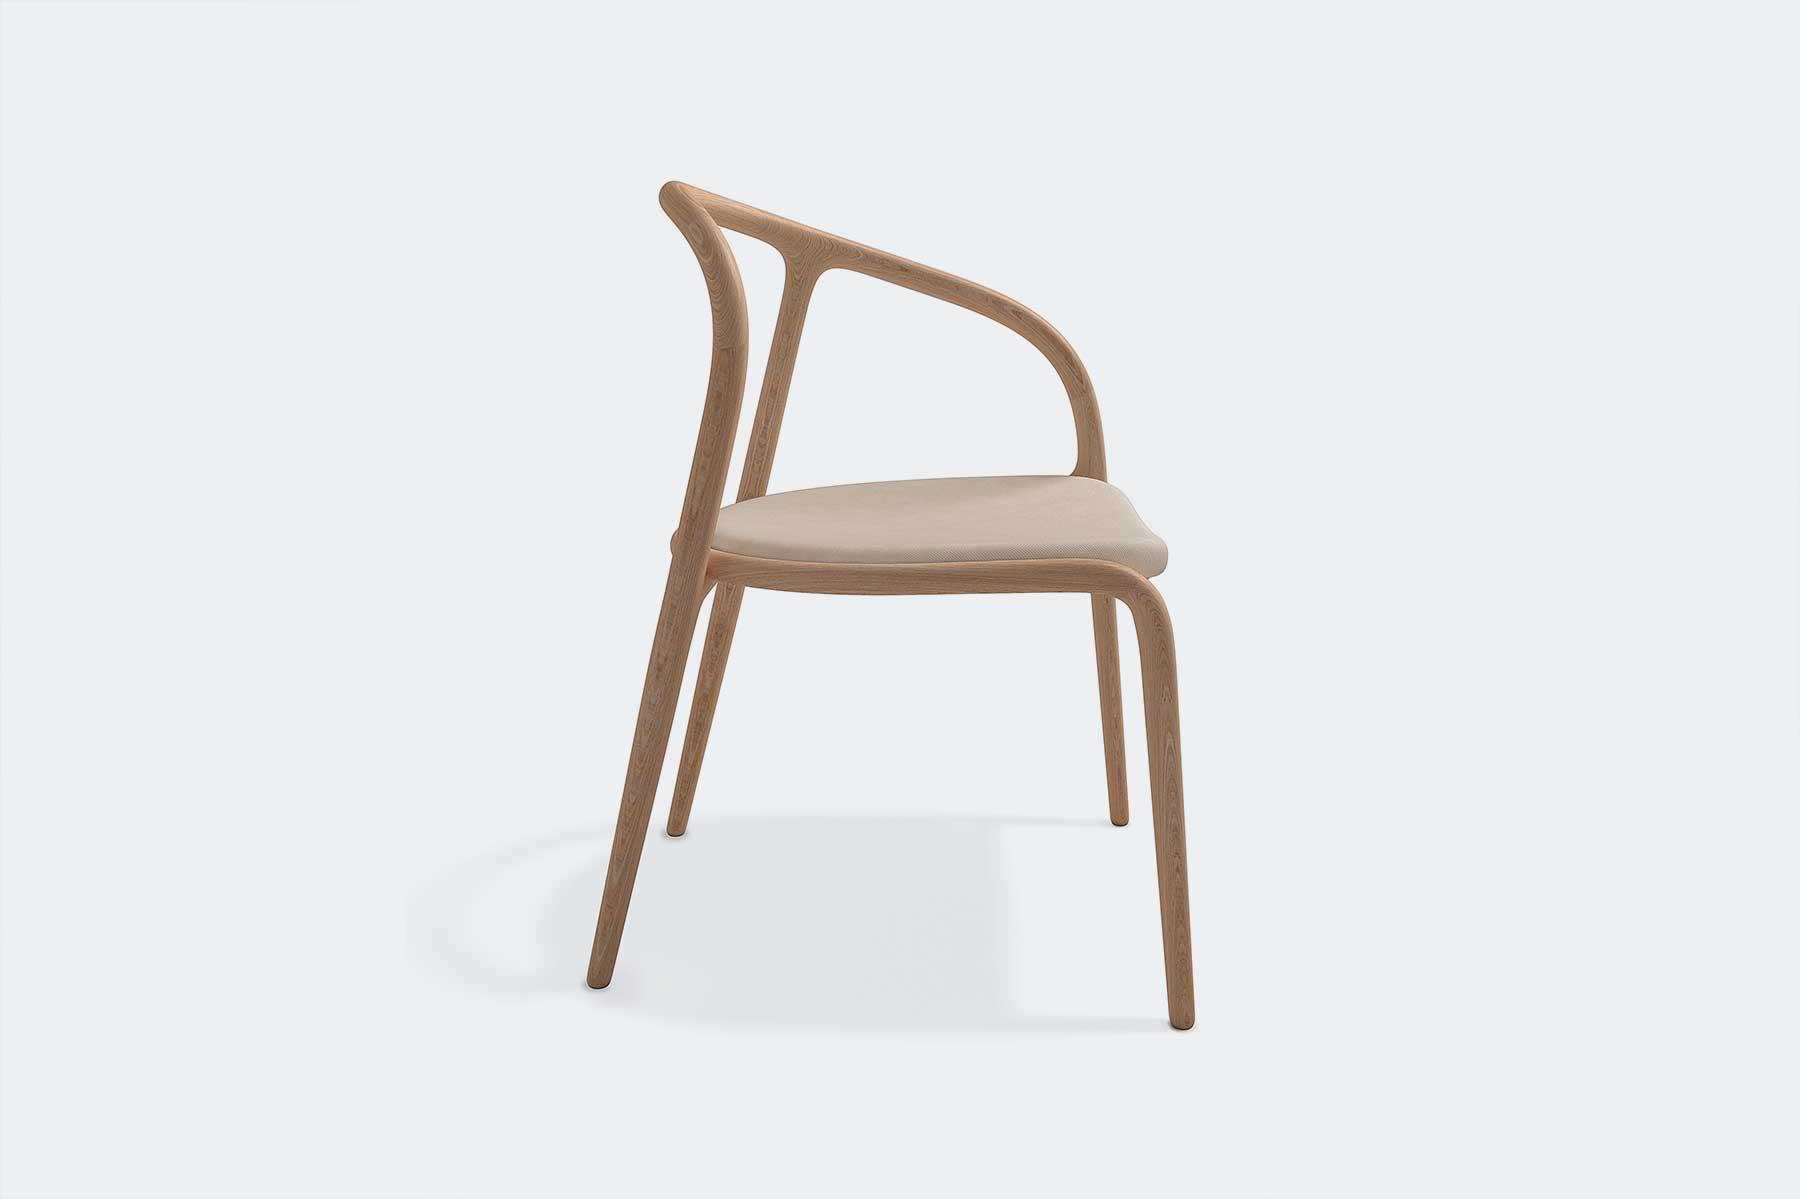 detalle lateral silla manca de madera